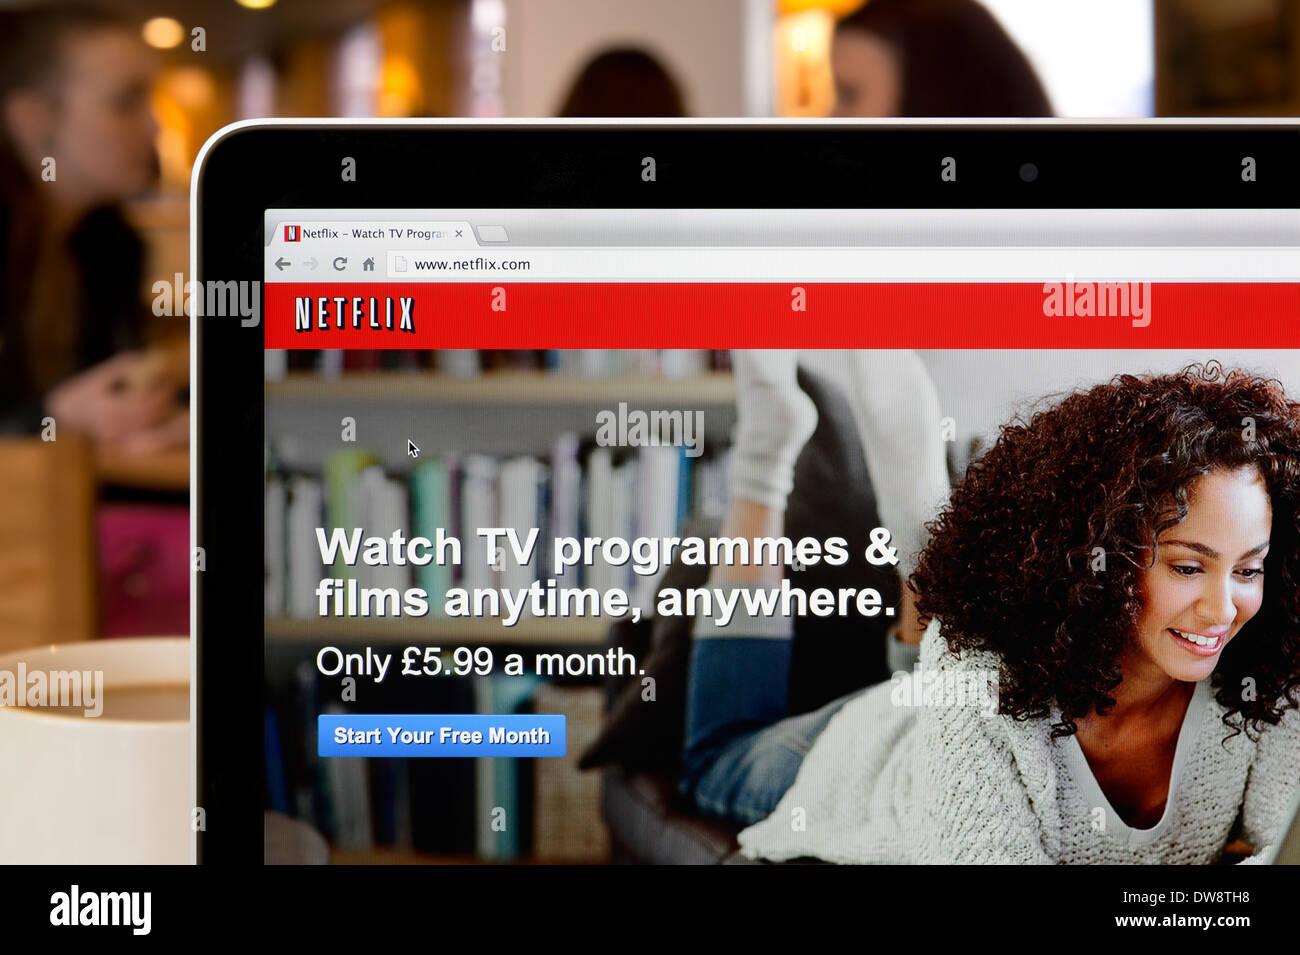 El sitio web de Netflix rodada en un ambiente de cafetería (sólo para uso editorial: -print, televisión, e-book editorial y sitio web). Imagen De Stock